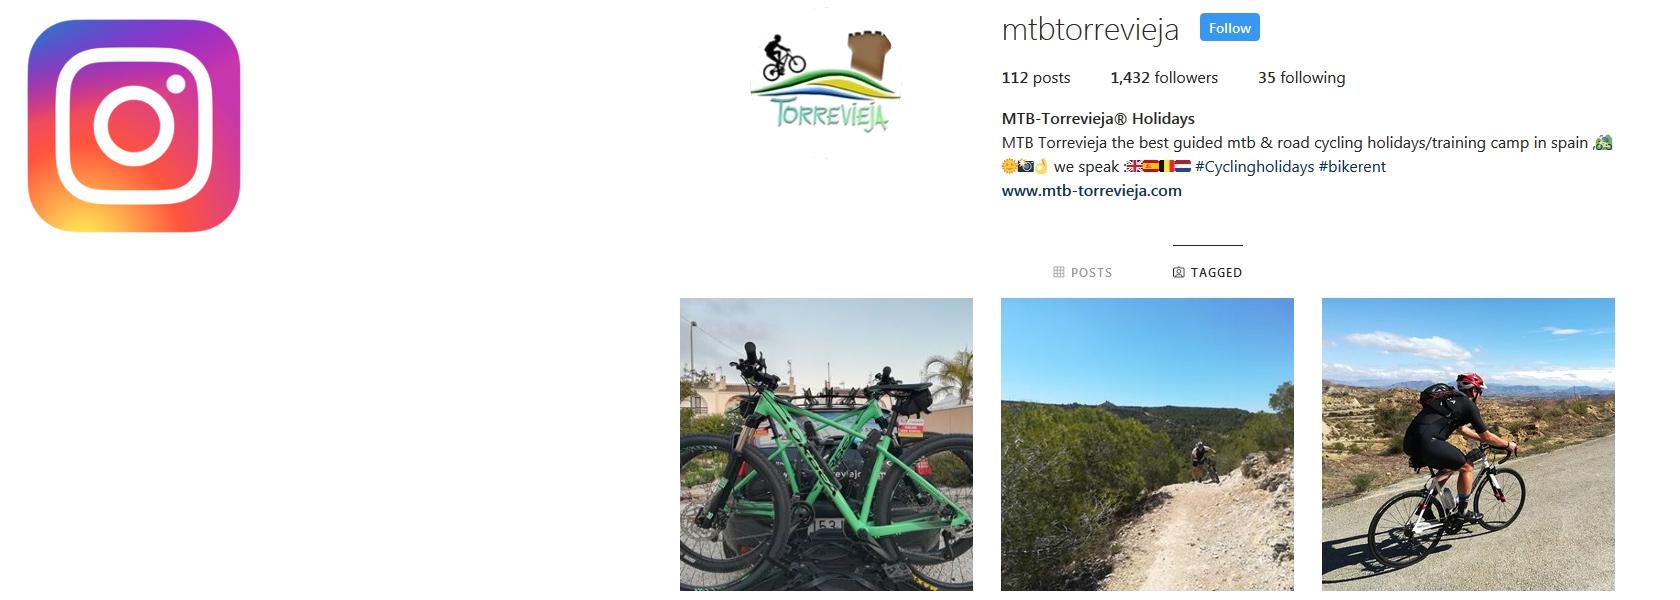 Bike hire in Torrevieja , La Zenia , Villamartin , Orihuela costa